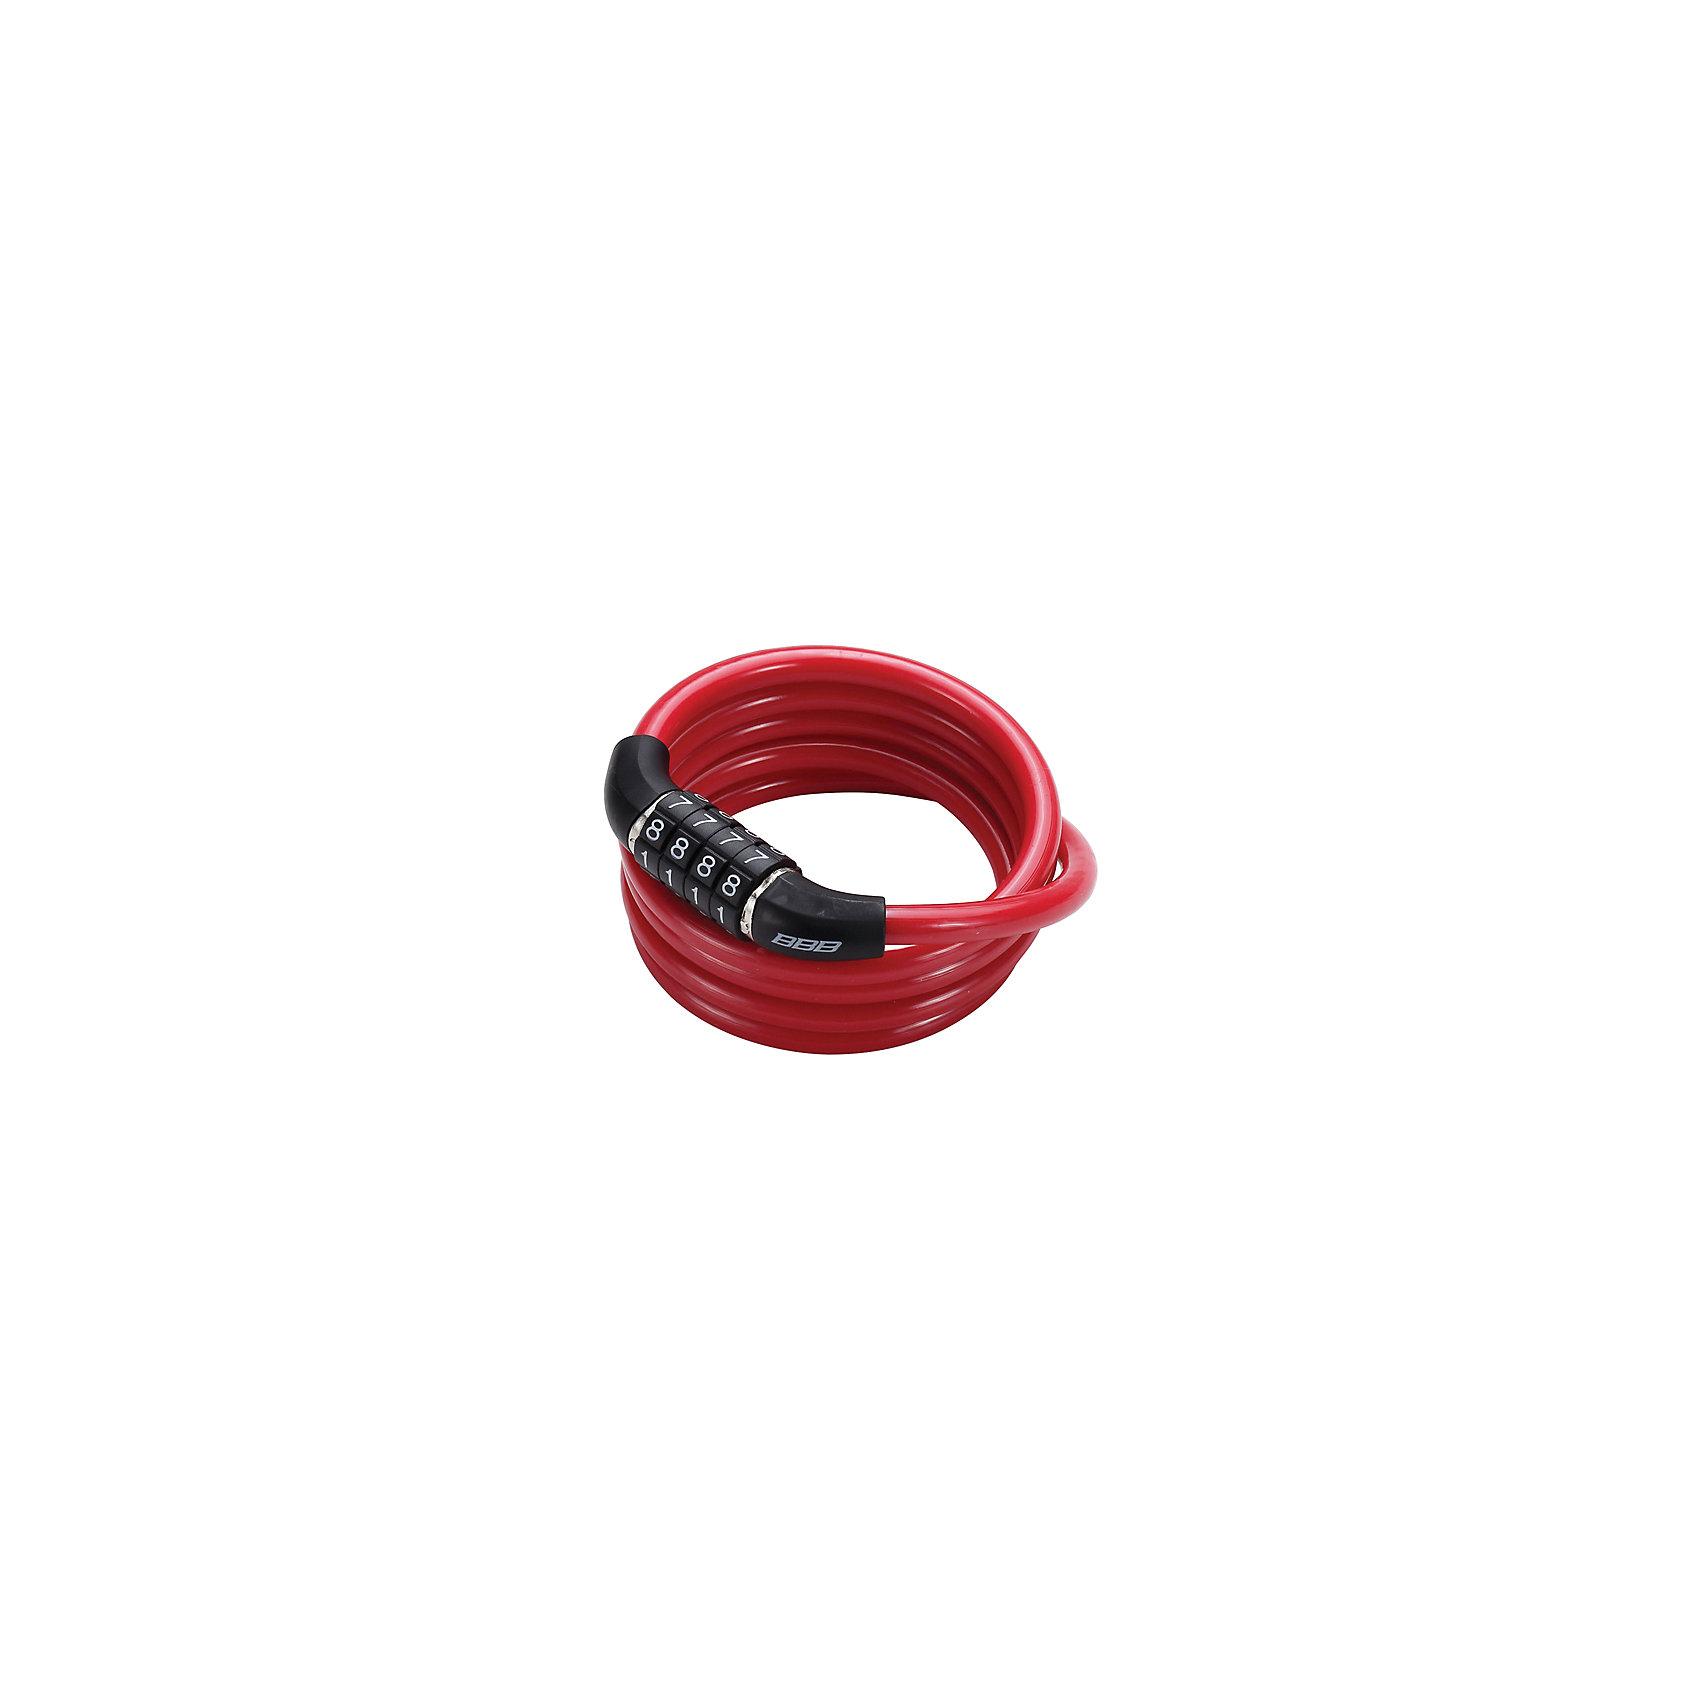 Замок велосипедный QuickCode кодовый, красный, BBBАксеcсуары для велосипедов<br>Характеристики товара:  <br><br>• толстый и прочный скрученный трос обеспечивает максимальную защиту<br>• цвет: красный<br>• четырехзначный код (фиксированный)<br>• надежный механизм замка<br>• оплетка троса для защиты вашего велосипеда от сколов и царапин<br>• размеры: 8мм Х 1200мм.<br>• совместим с BBL-92 CableFix<br><br>Замок велосипедный QuickCode кодовый можно купить в нашем интернет-магазине.<br><br>Ширина мм: 250<br>Глубина мм: 170<br>Высота мм: 45<br>Вес г: 99<br>Возраст от месяцев: 36<br>Возраст до месяцев: 144<br>Пол: Унисекс<br>Возраст: Детский<br>SKU: 5569404